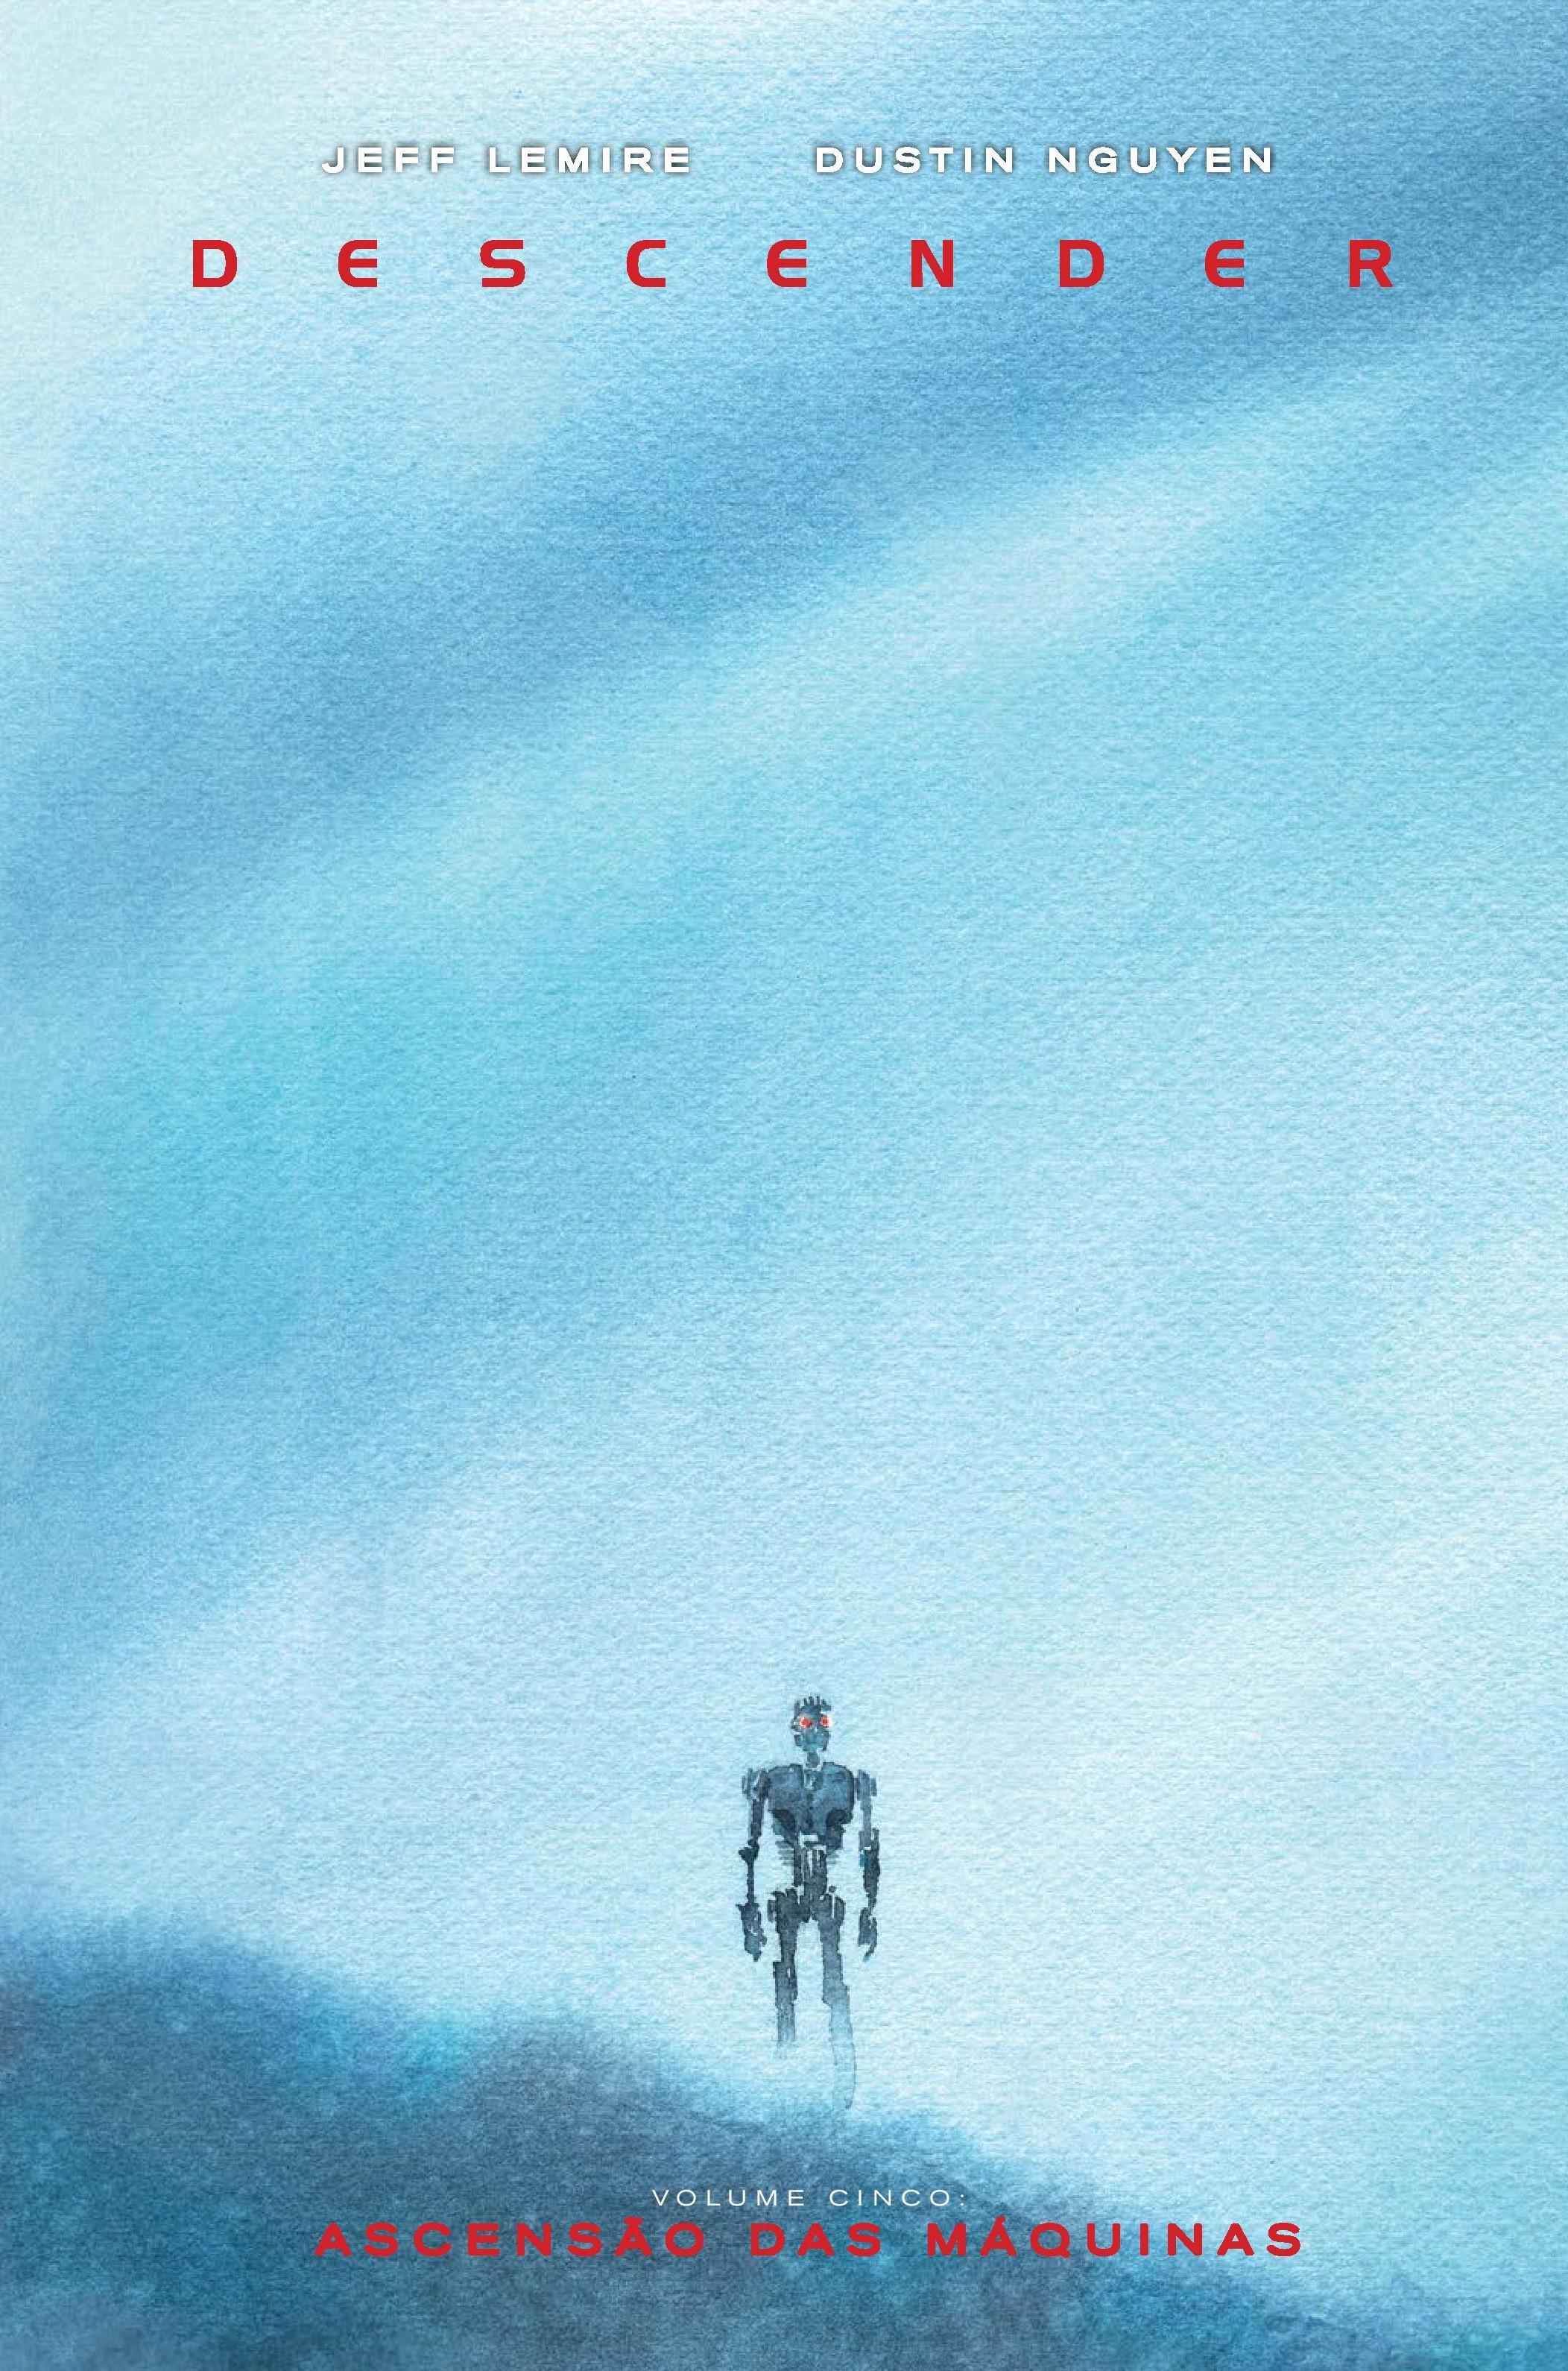 DESCENDER vol. 5: ASCENSÃO DAS MÁQUINAS